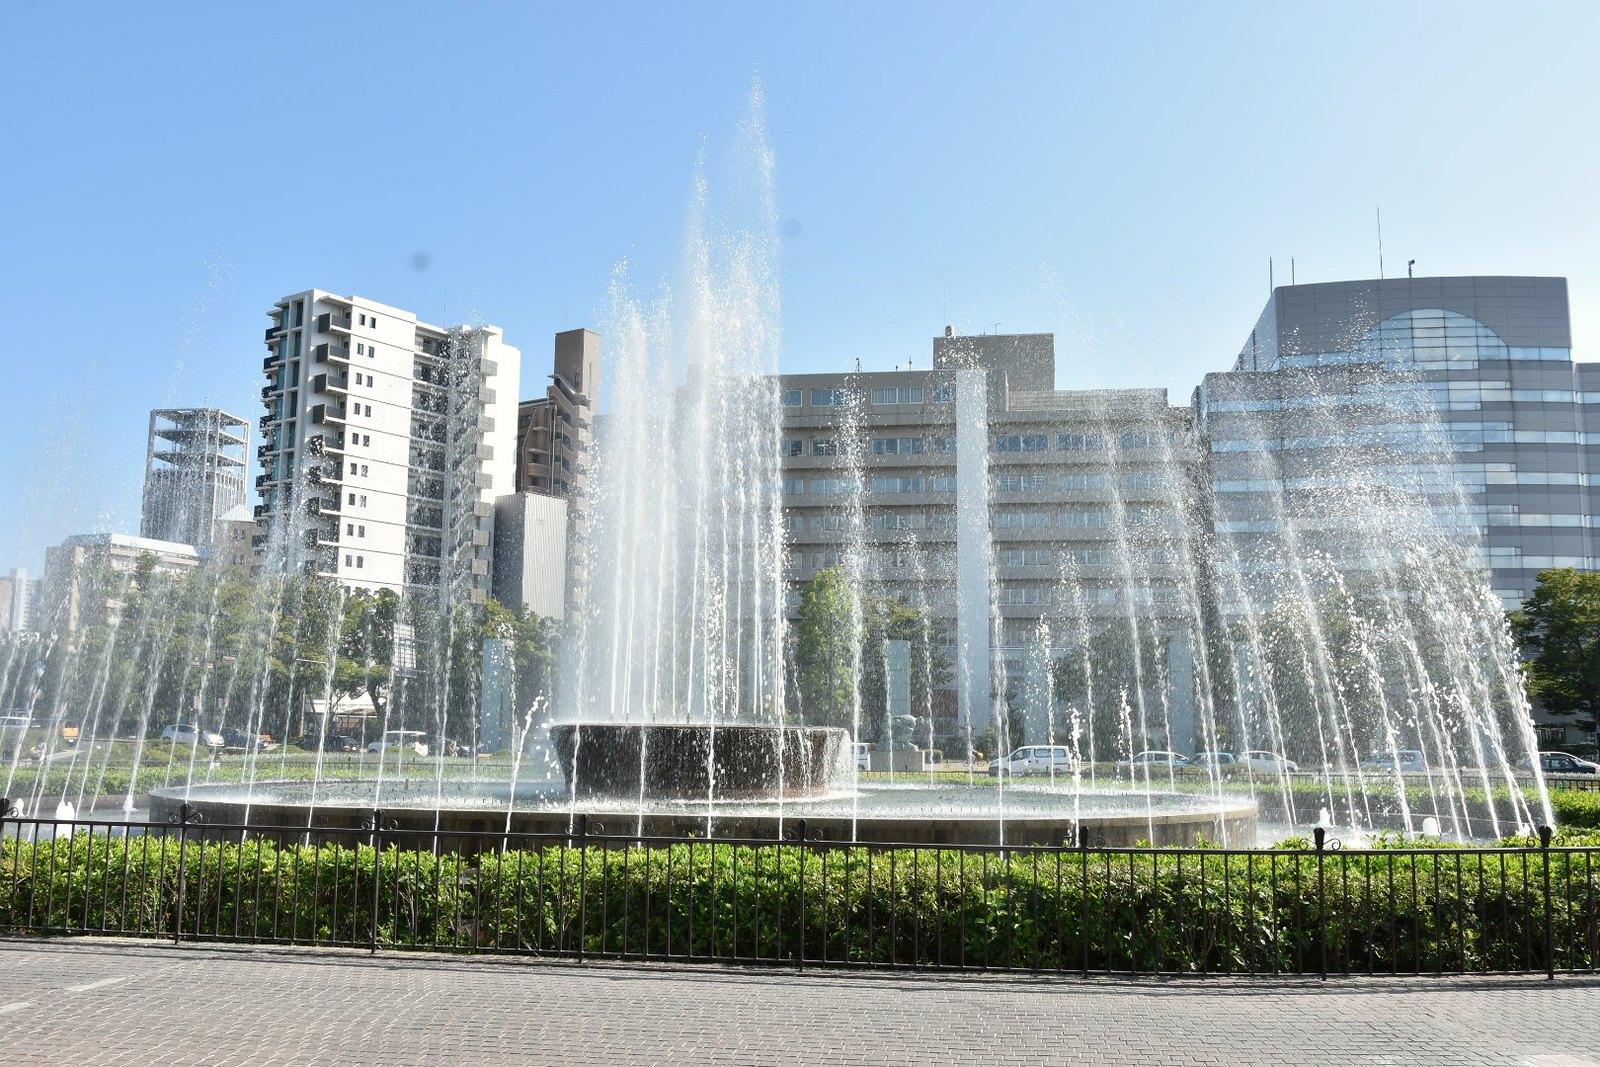 Hiroshima - Fontaine des prières